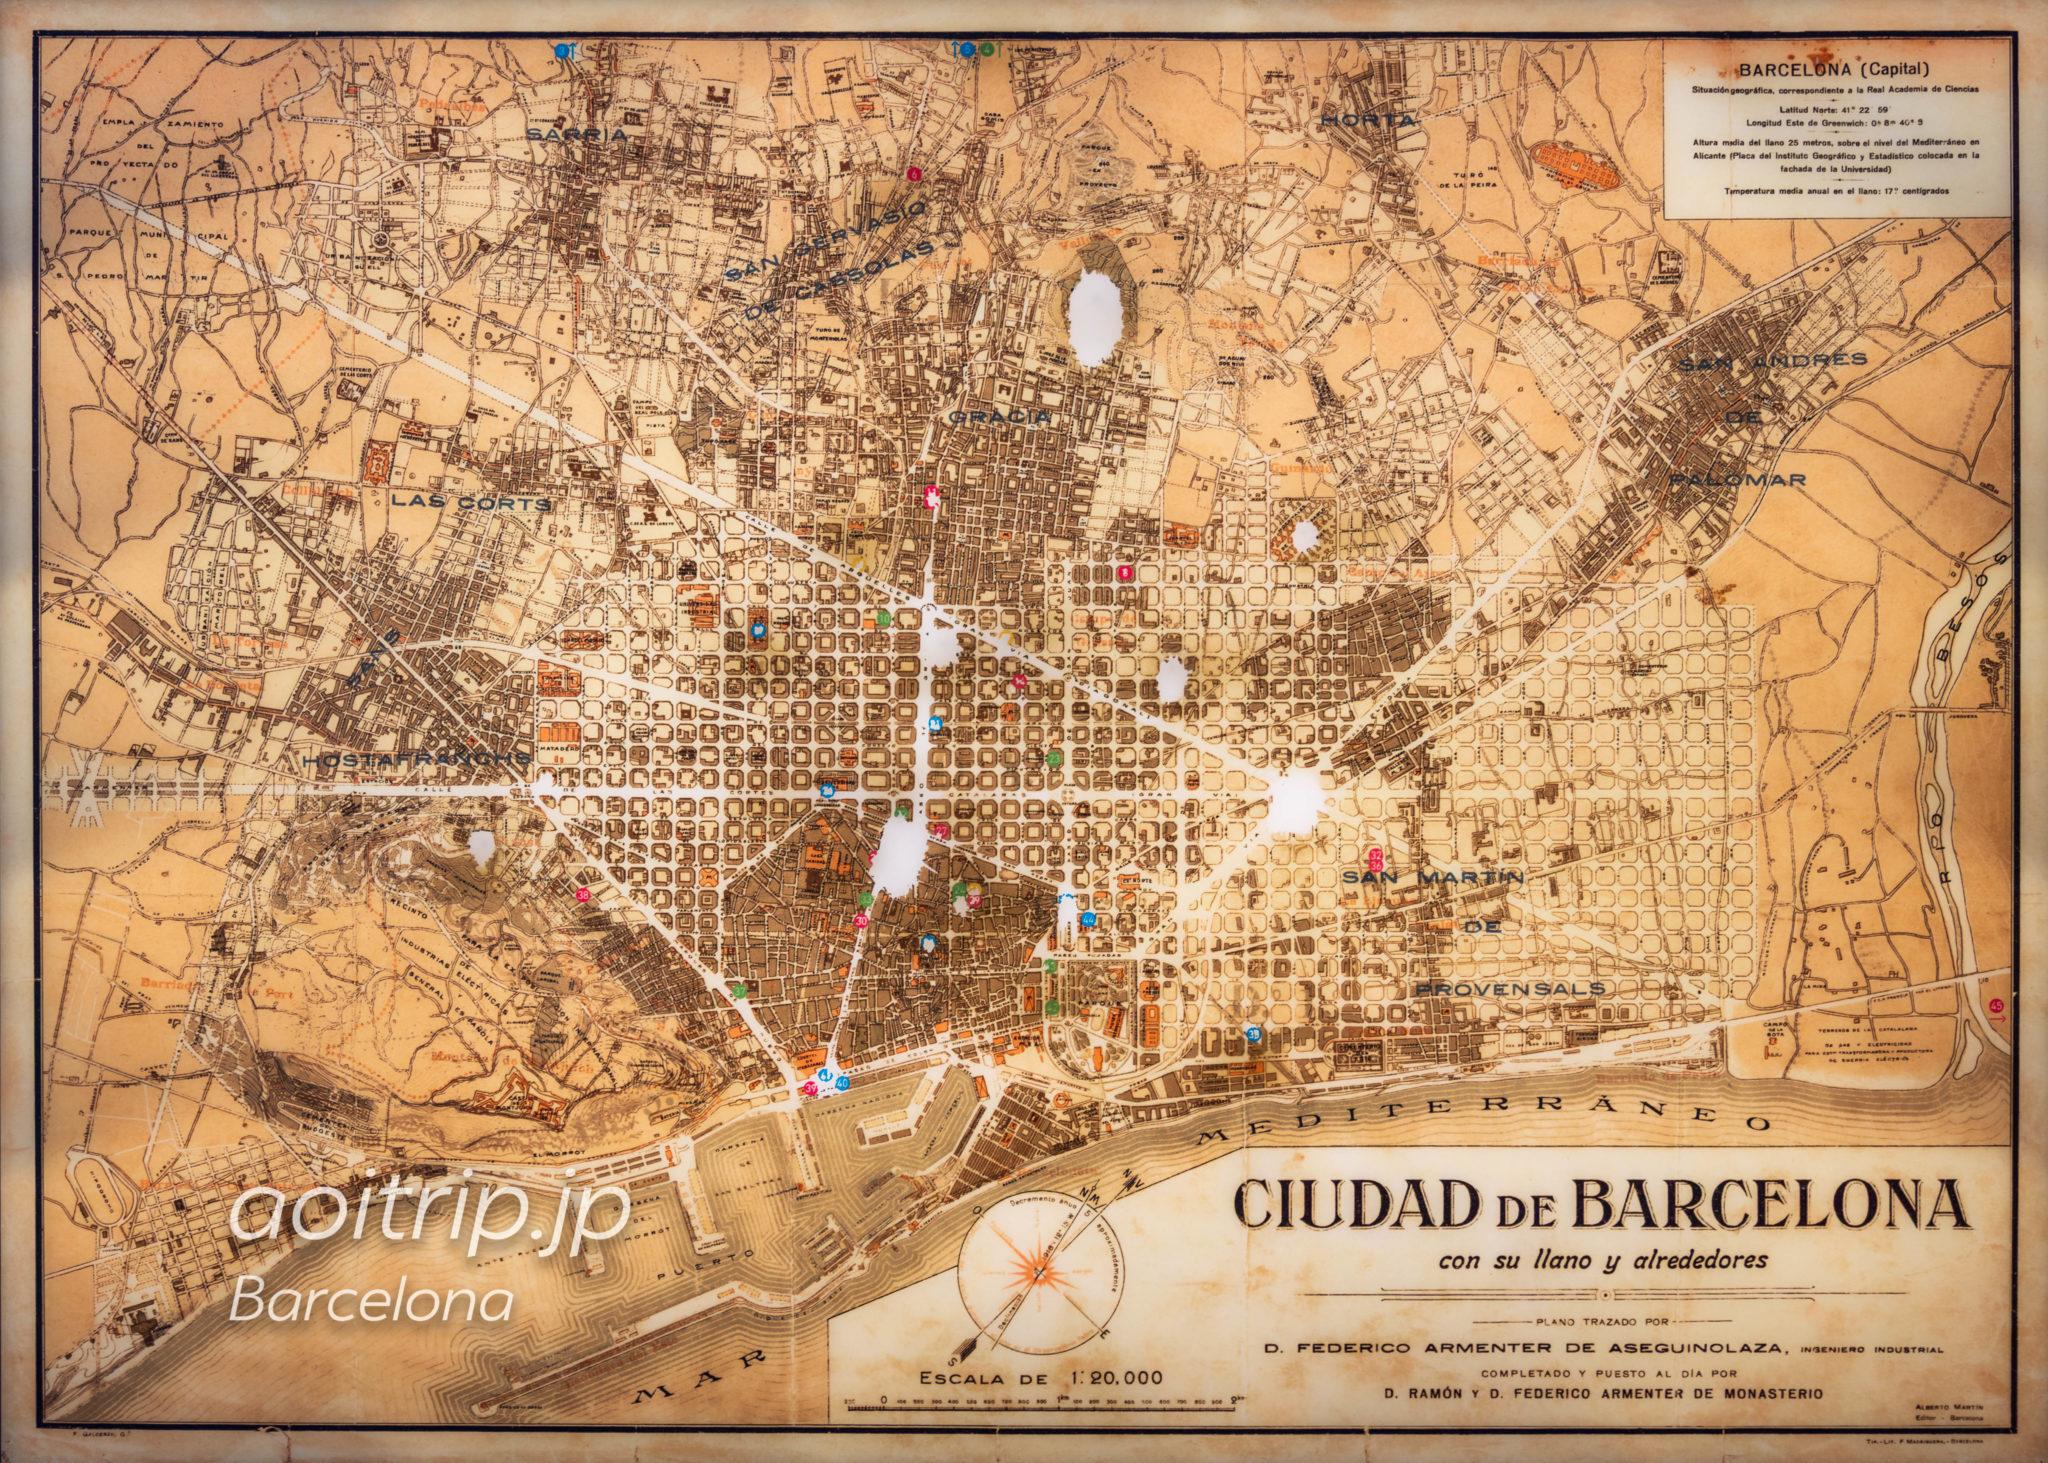 1900年のバルセロナ